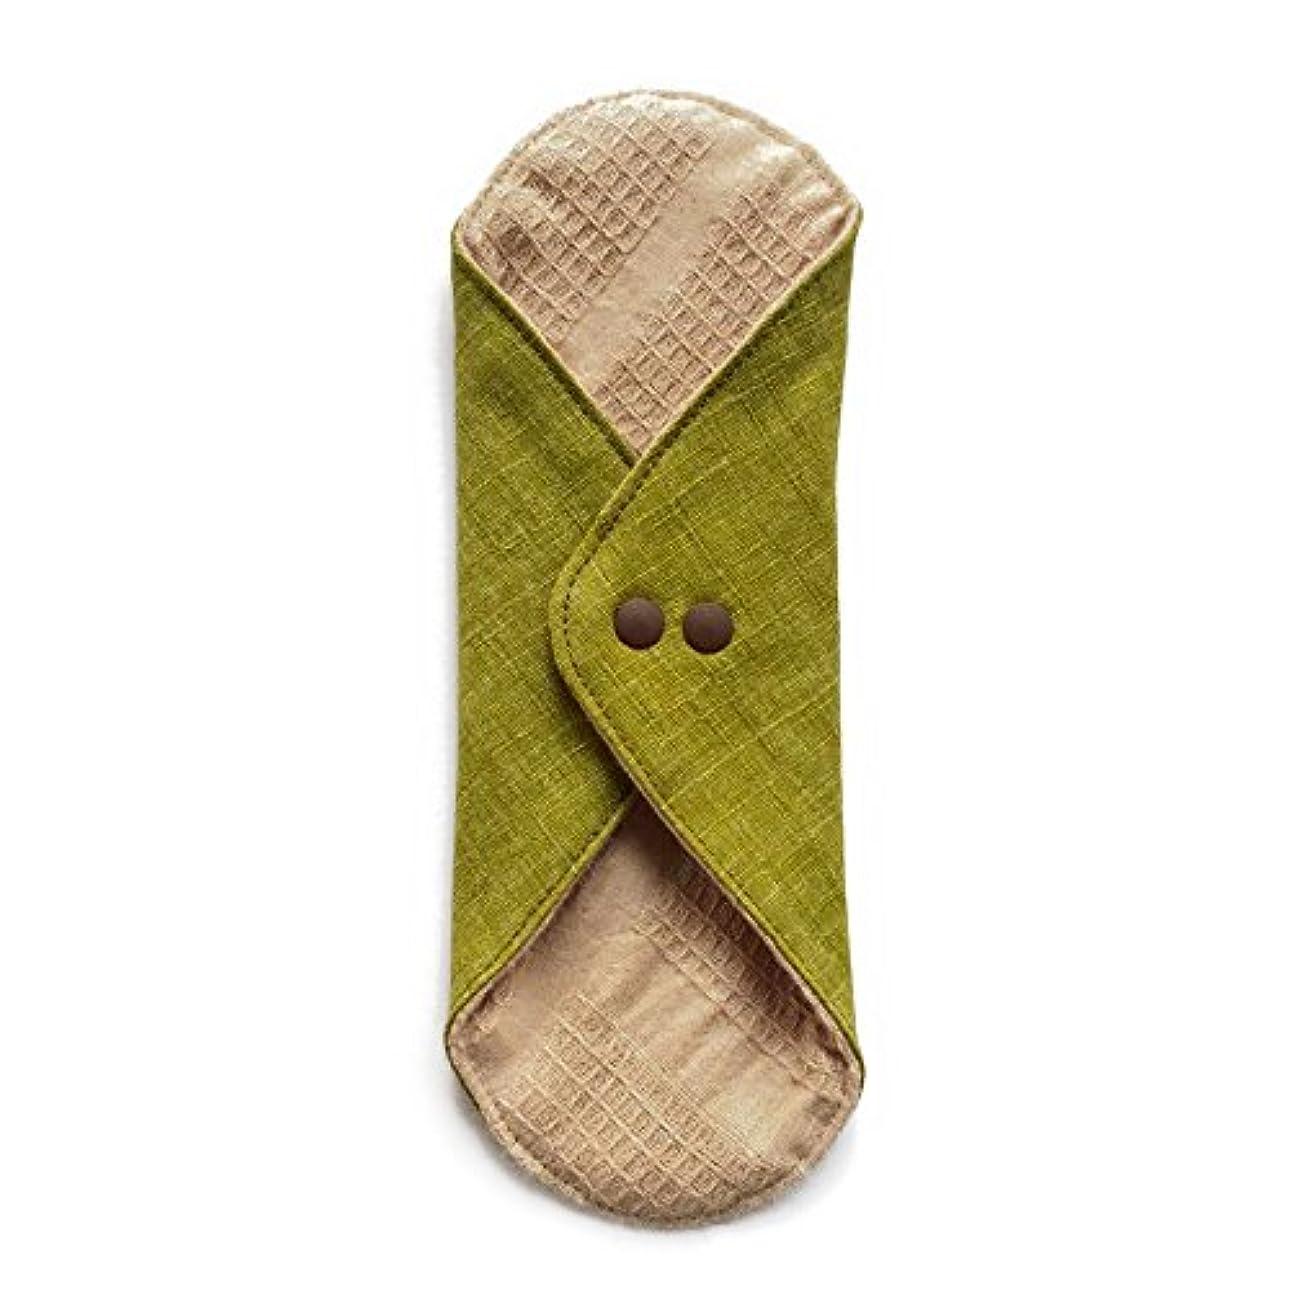 カウンタカヌー縞模様の華布のオーガニックコットンのあたため布 Lサイズ (約18×約20.5×約0.5cm) 彩り(抹茶)